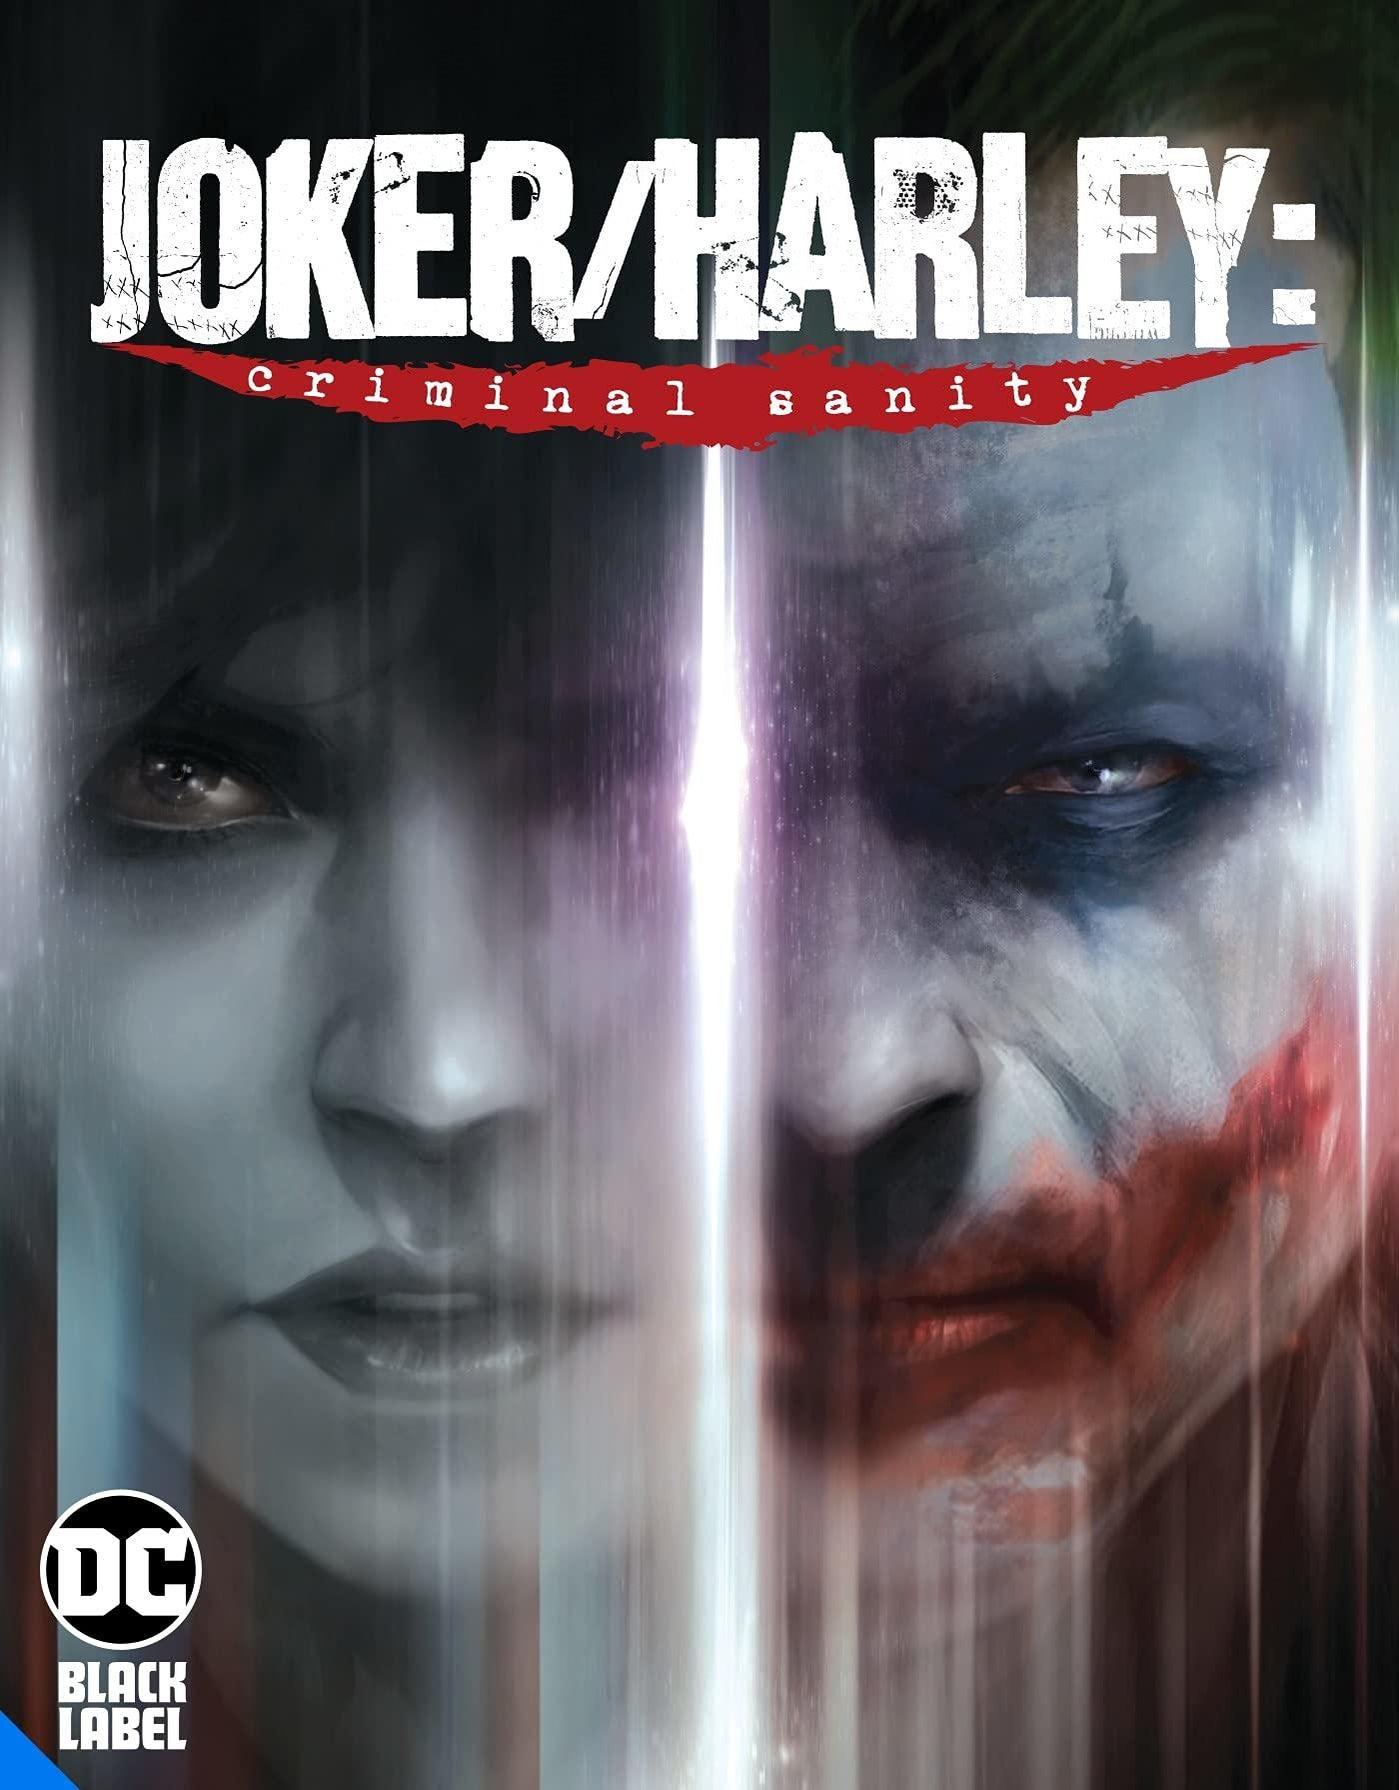 joker-harley-criminal-sanity.jpg